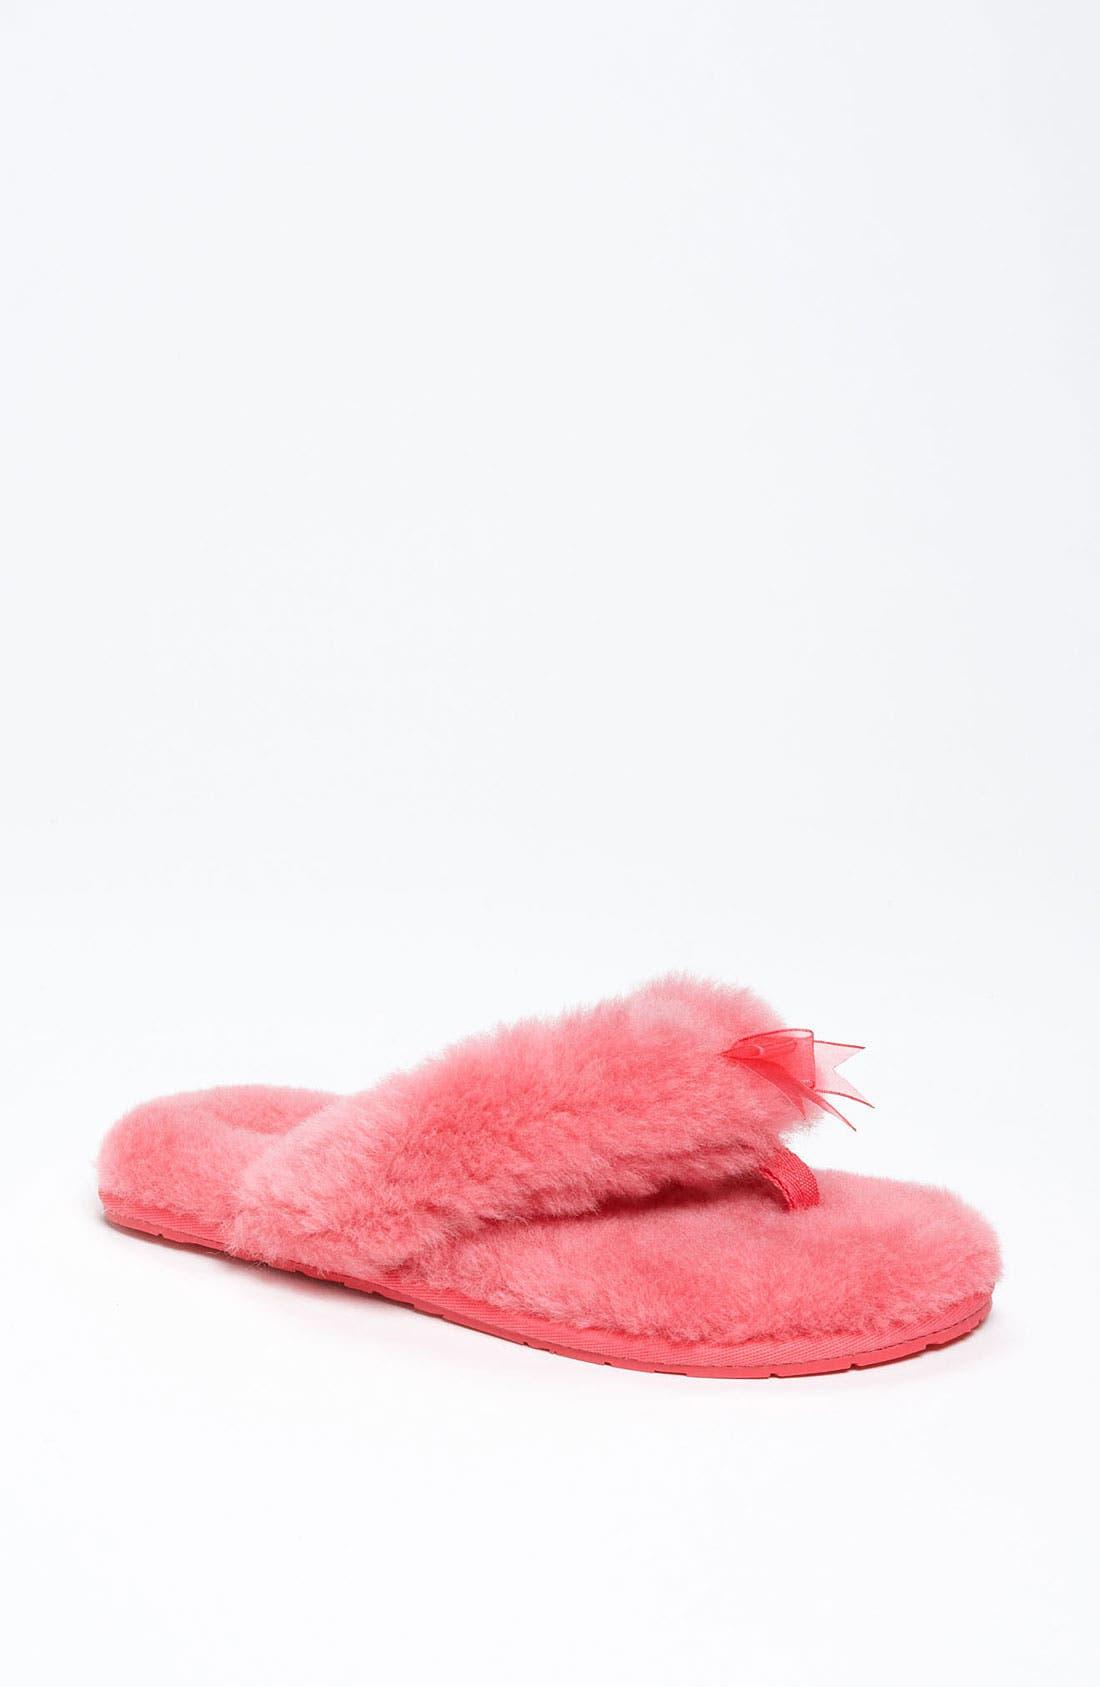 Alternate Image 1 Selected - UGG® 'Fluff II' Flip Flop (Women)